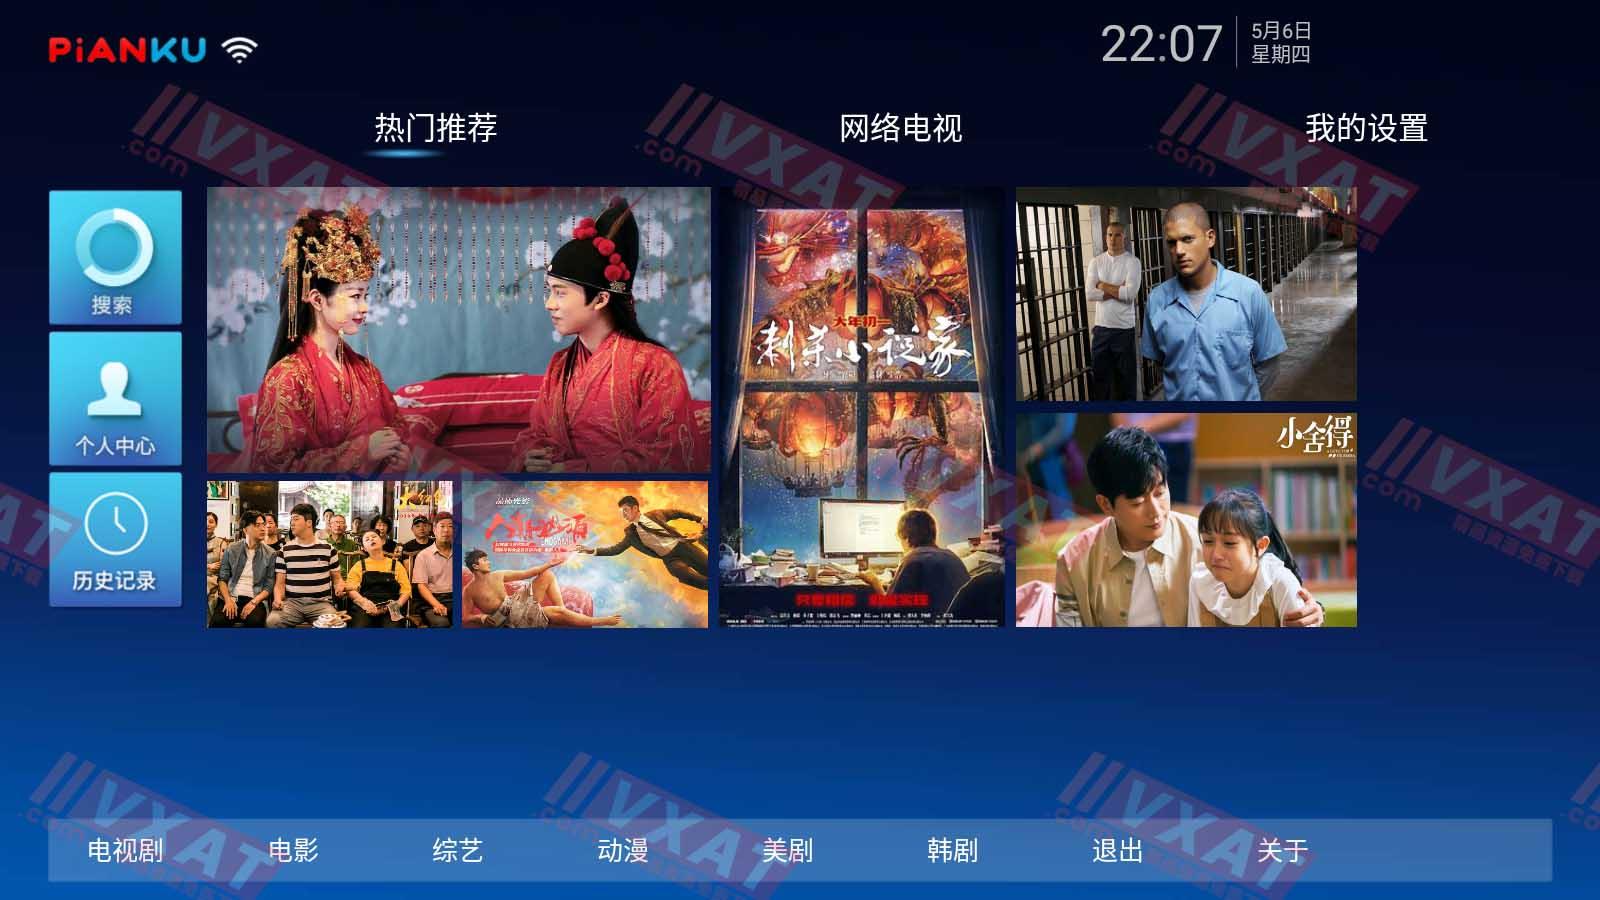 片库TV_v3.0.4 电视破解版 第1张